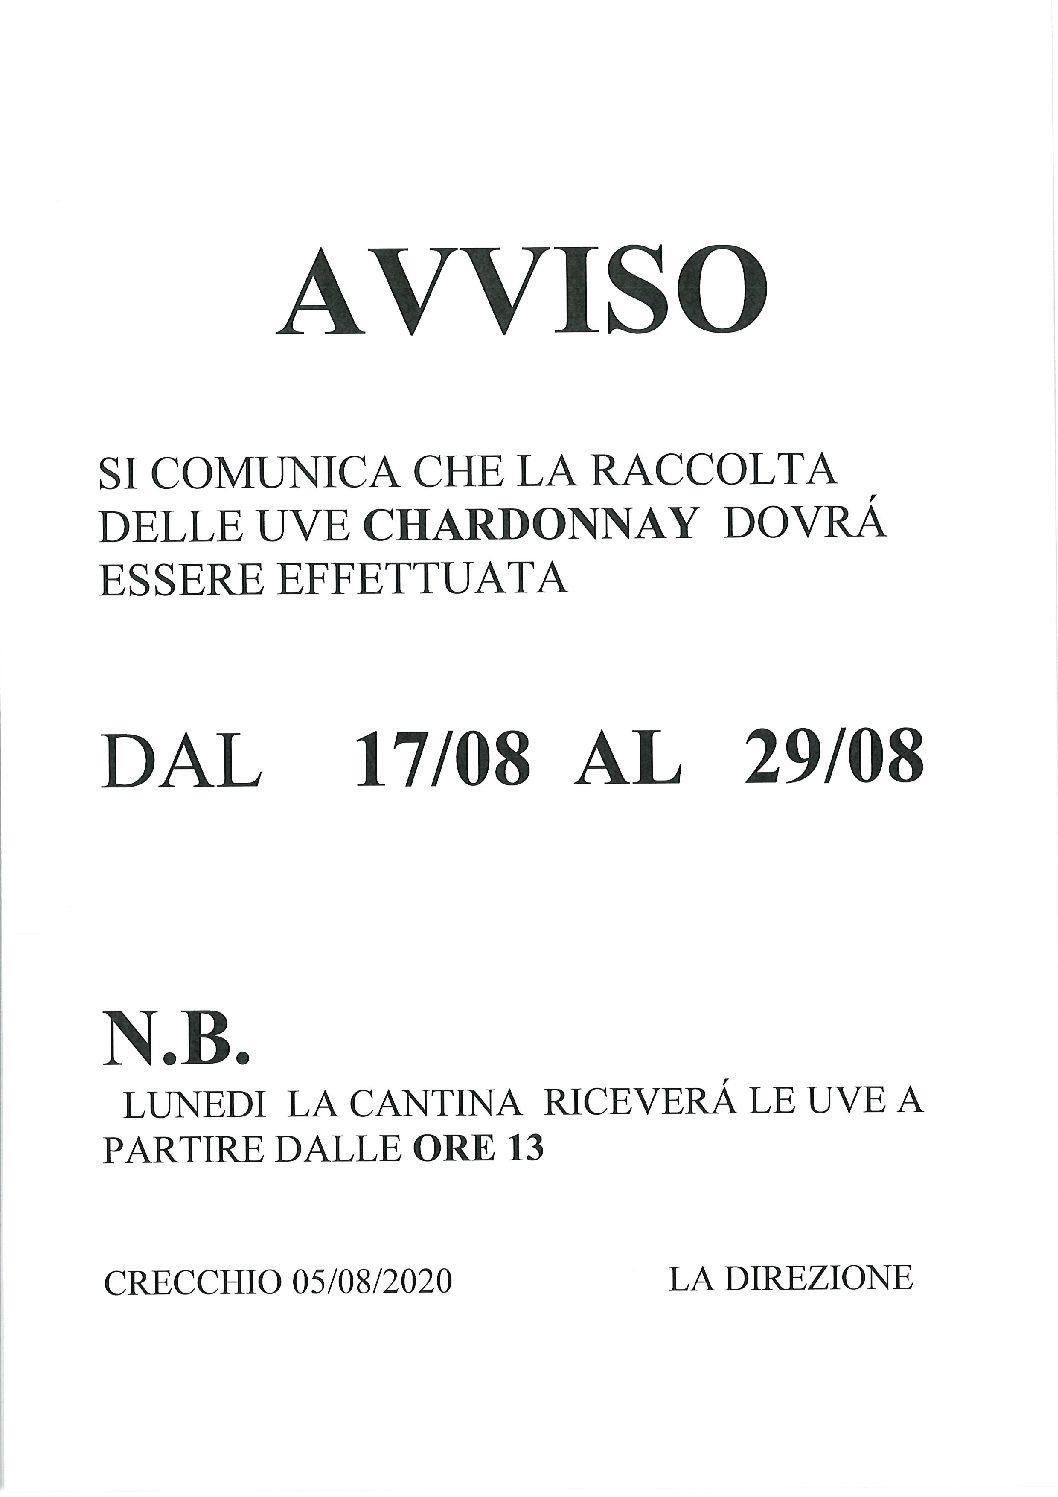 AVVISO RACCOLTA CHARDONNAY